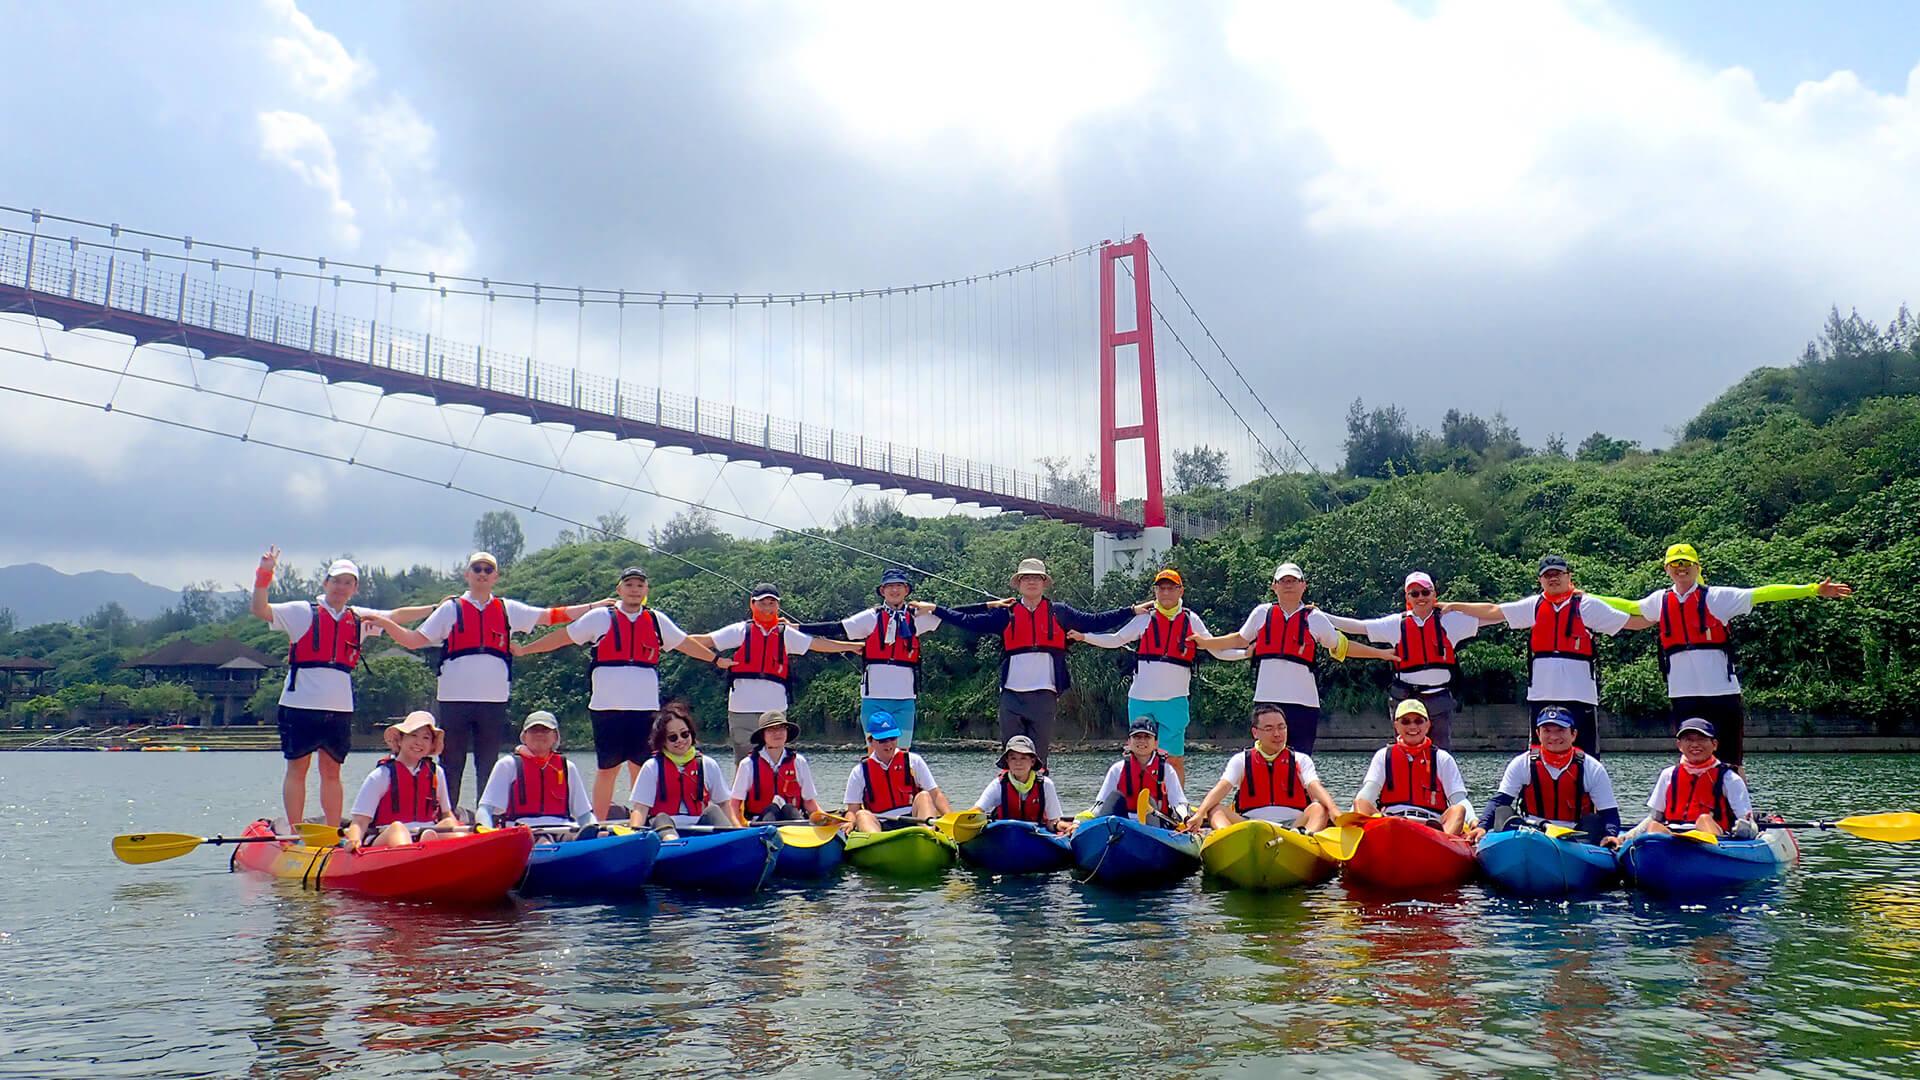 獨木舟 – 團隊合作 的嶄新玩法!